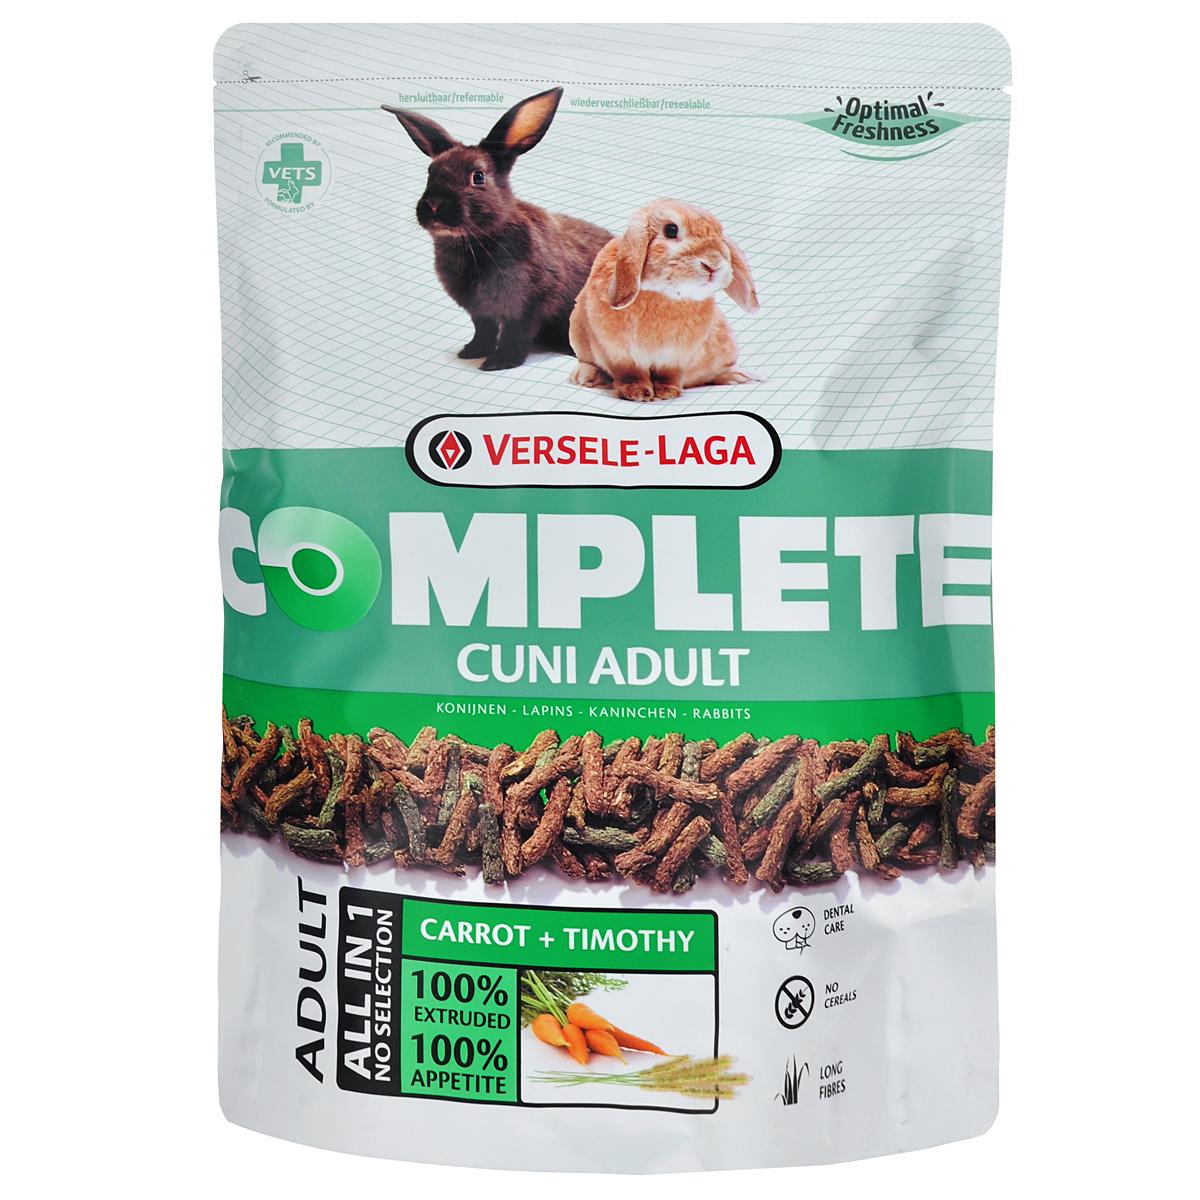 Корм для кроликов Versele-Laga Complete Cuni Adult, комплексный, 500 г0120710Versele-Laga Complete Cuni Adult - это полноценный и вкусный корм для (карликовых) кроликов, состоящий на 100 % из легкоусвояемых экструдированных гранул. Уход за зубами Проблемы с зубами часто встречаются у (карликовых) кроликов. Обычно это следствие применения неподходящего корма, в котором не хватает ингредиентов, способствующих естественному стачиванию и постоянному росту зубов. Добавление специальных длинных волокон клетчатки в гранулы Versele-Laga Complete Cuni Adult способствует жевательному процессу, обеспечивая необходимое стачивание зубов и здоровье полости рта.Свежие овощи Процесс экструзии позволяет добавлять свежие овощи в гранулы. Добавление по крайней мере 10 % свежих овощей позволяет получить замечательный вкус. Смешивая овощи с клетчаткой с основой Cuni Complete мы получаем замечательный корм для (карликовых) кроликов с высокой степенью усвояемости.Длинные волокна (Карликовые) кролики - это травоядные животные от природы, которым необходимо питание с достаточным количеством клетчатки и низким содержанием крахмала. Complete Cuni Adult содержит 20 % грубых волокон. Новый, уникальный производственный процесс позволяет включать в корма серии Complete цельные длинные волокна, богатые силикатом. Эти волокна обычно есть в природном корме. Они поддерживают и улучшают функцию пищеварения и роста зубов намного лучше, чем традиционные корма для грызунов, содержащие перемолотые волокна.Низкокалорийный Сочетание низкого содержания калорий, низкого содержания крахмала и большого содержания длинных волокон в экструдированных гранулах дает легкоусвояемый и сбалансированный корм. Таким образом, вес вашего (карликового) кролика будет оставаться идеальным.Флорастимул Добавление пребиотиков, ФруктоОлигоСахаридов (ФОС) и МаннанОлигоСахаридов (МОС) благотворно влияет на микрофлору кишечника. Таким образом, достигается оптимальный баланс и хорошая работа кишечника.Витамин Плюс Добавление незамени